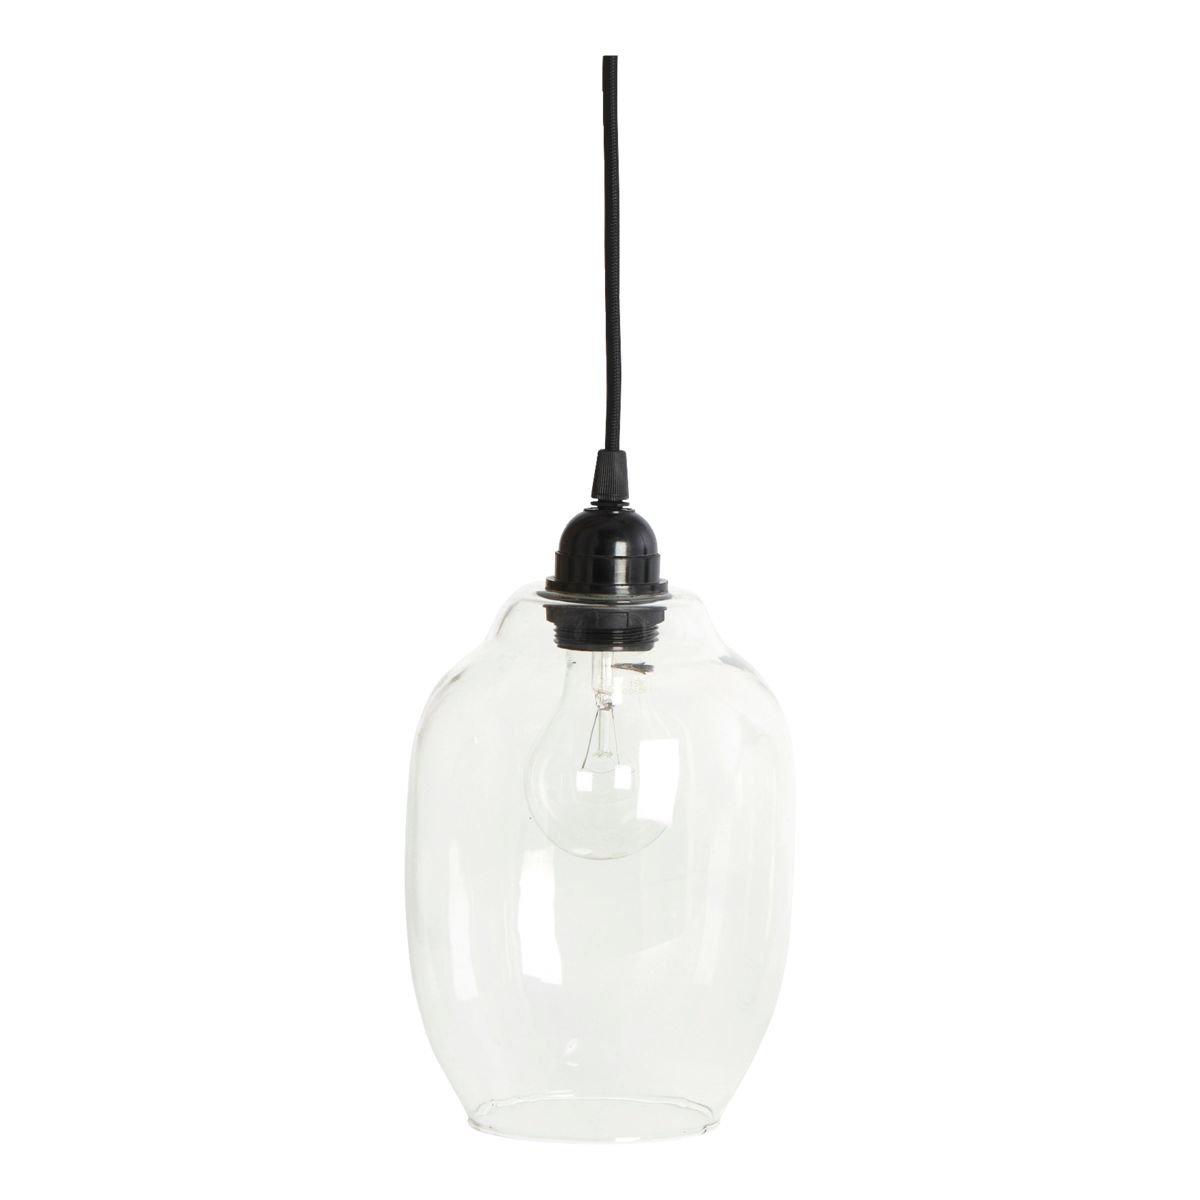 House Doctor - Goal Lampshade Ø 14 cm - Clear (Ek0403)